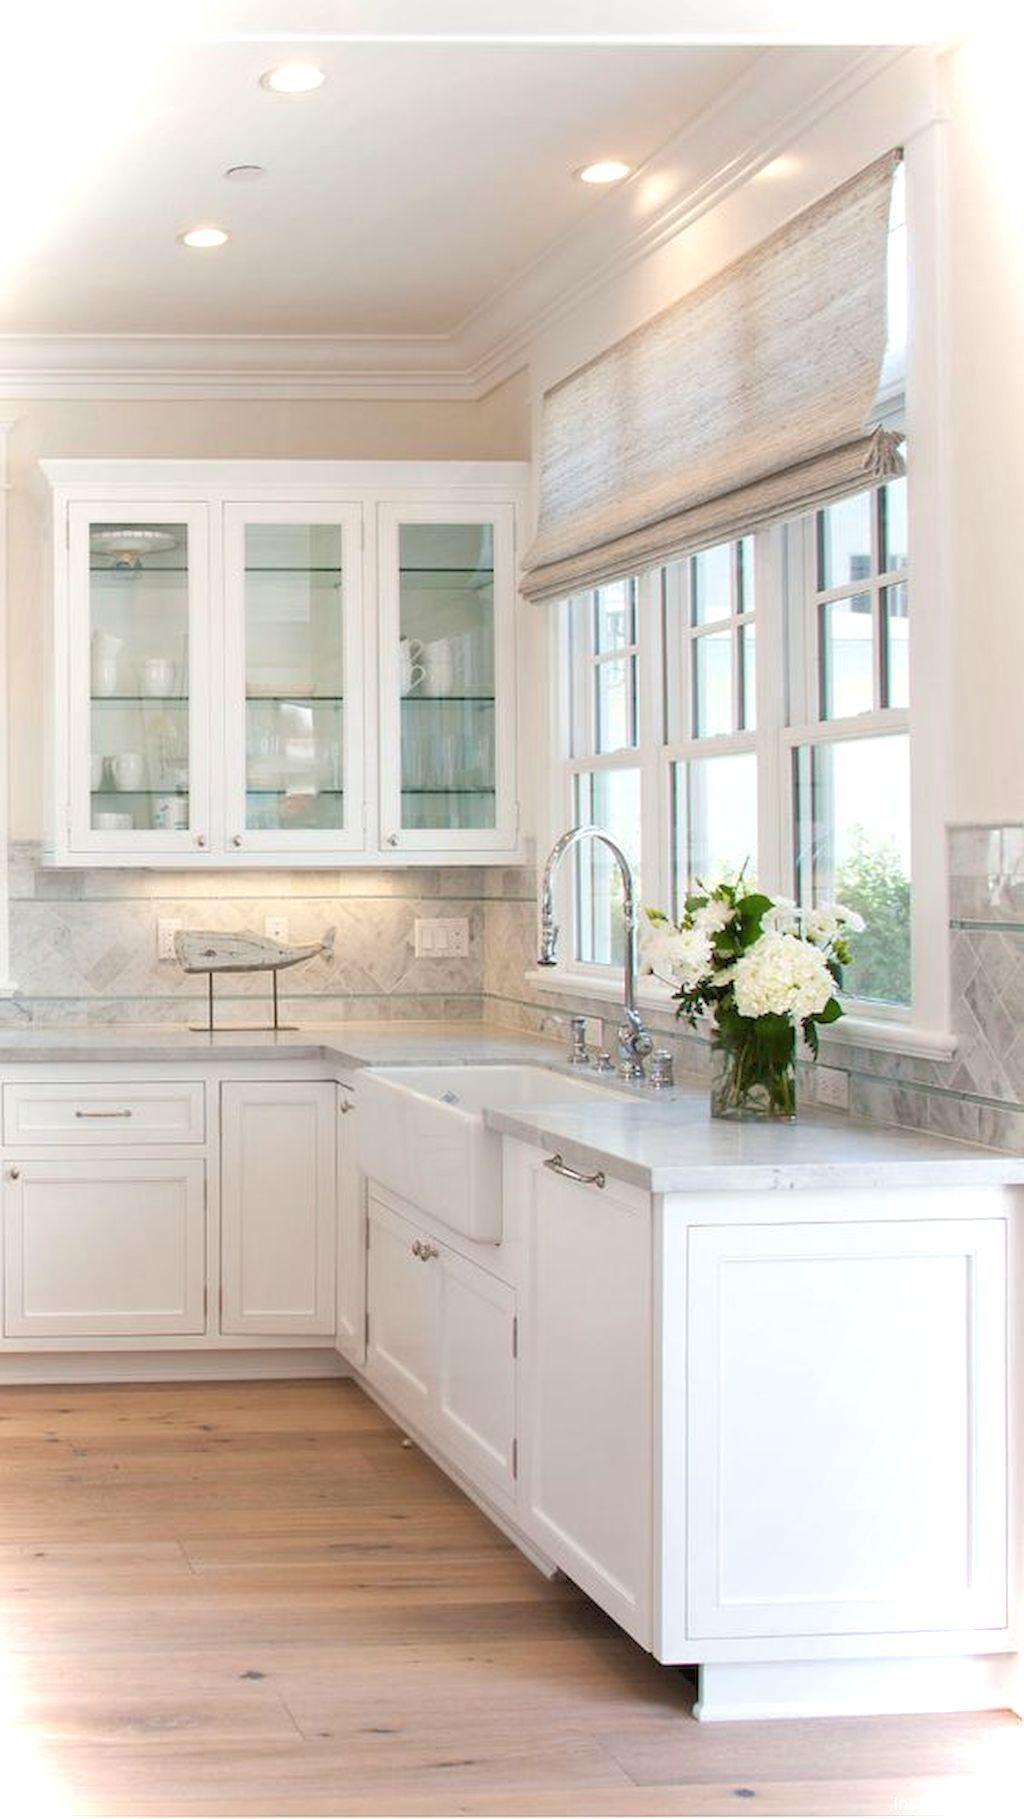 69 Luxury White Cottage Kitchen Cabinets Ideas 35